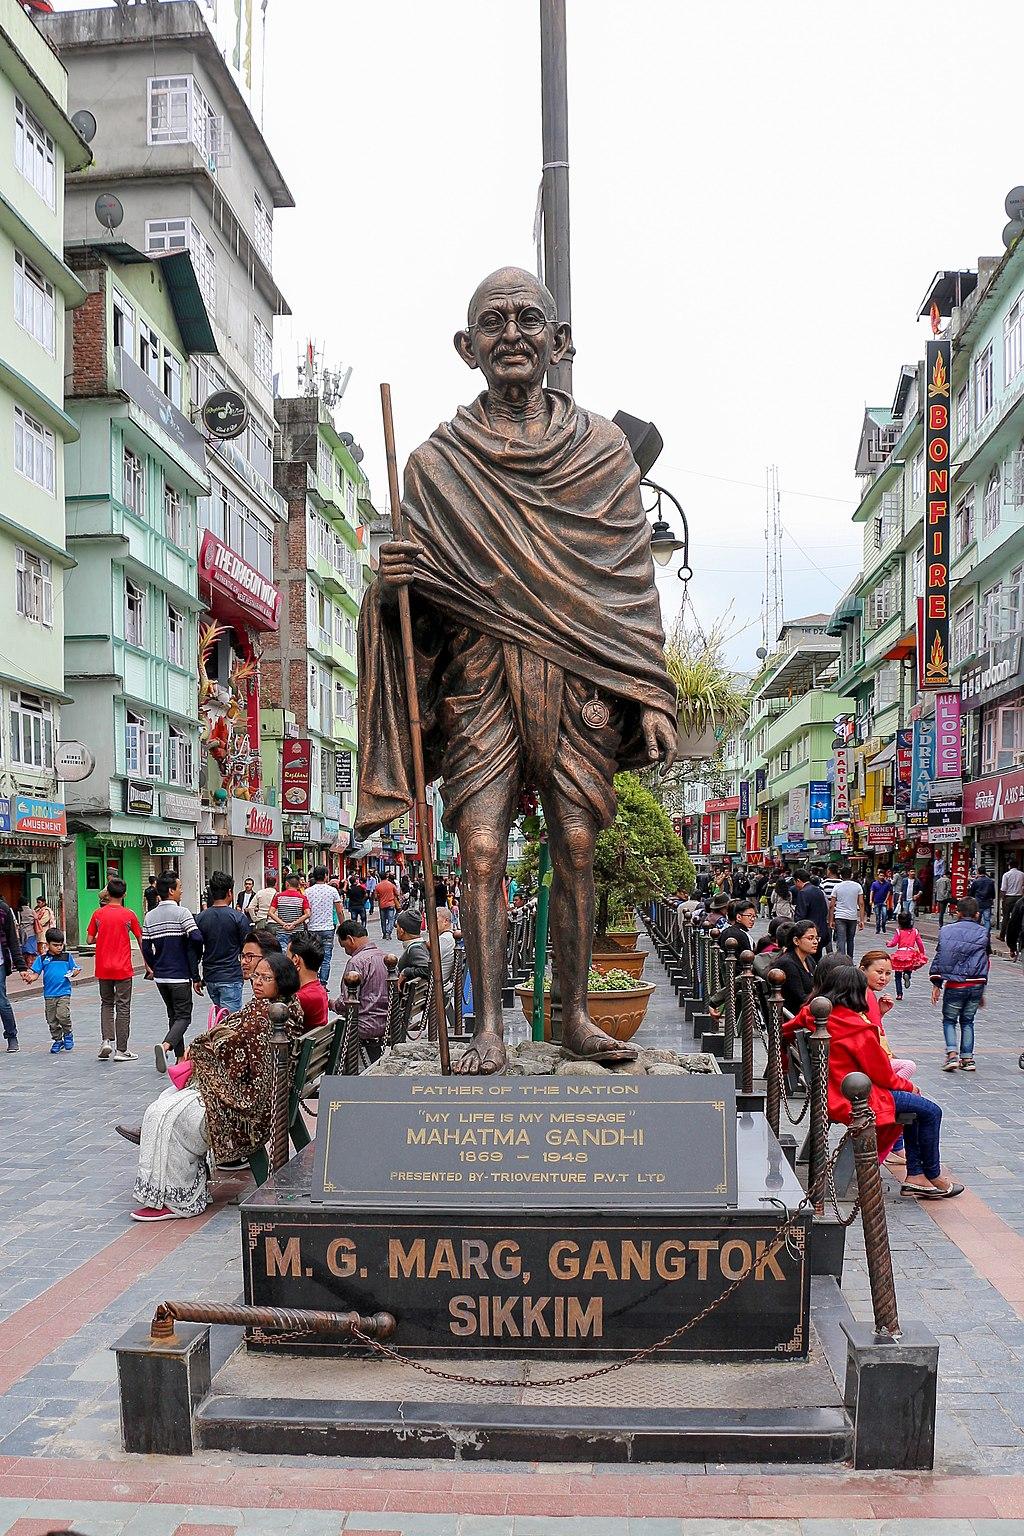 Statue of Mahatma Gandhi in Gangtok